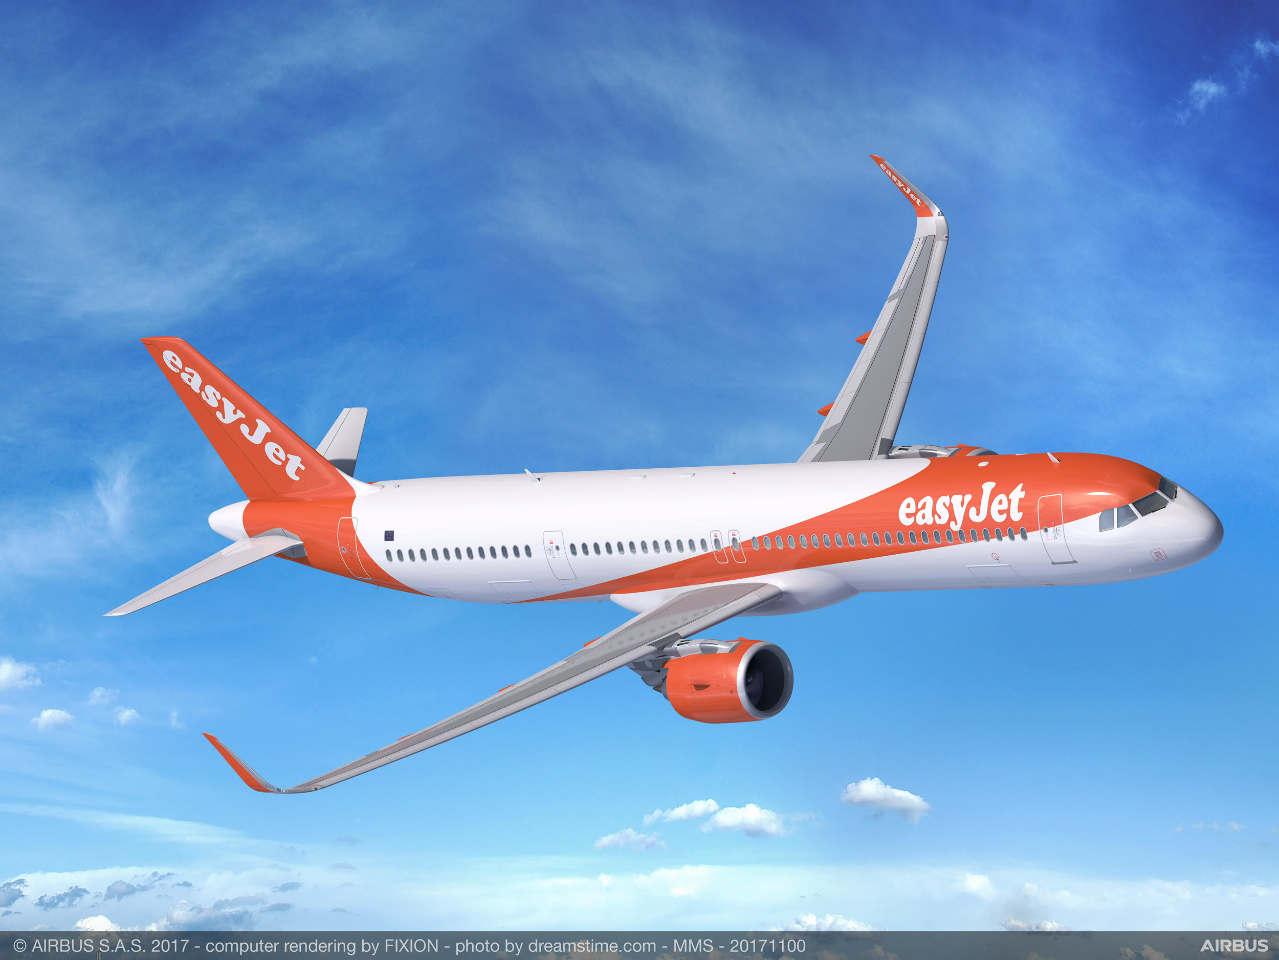 Easyjet et Airbus signent un accord relatif à un projet de recherche sur les avions hybrides et électriques.